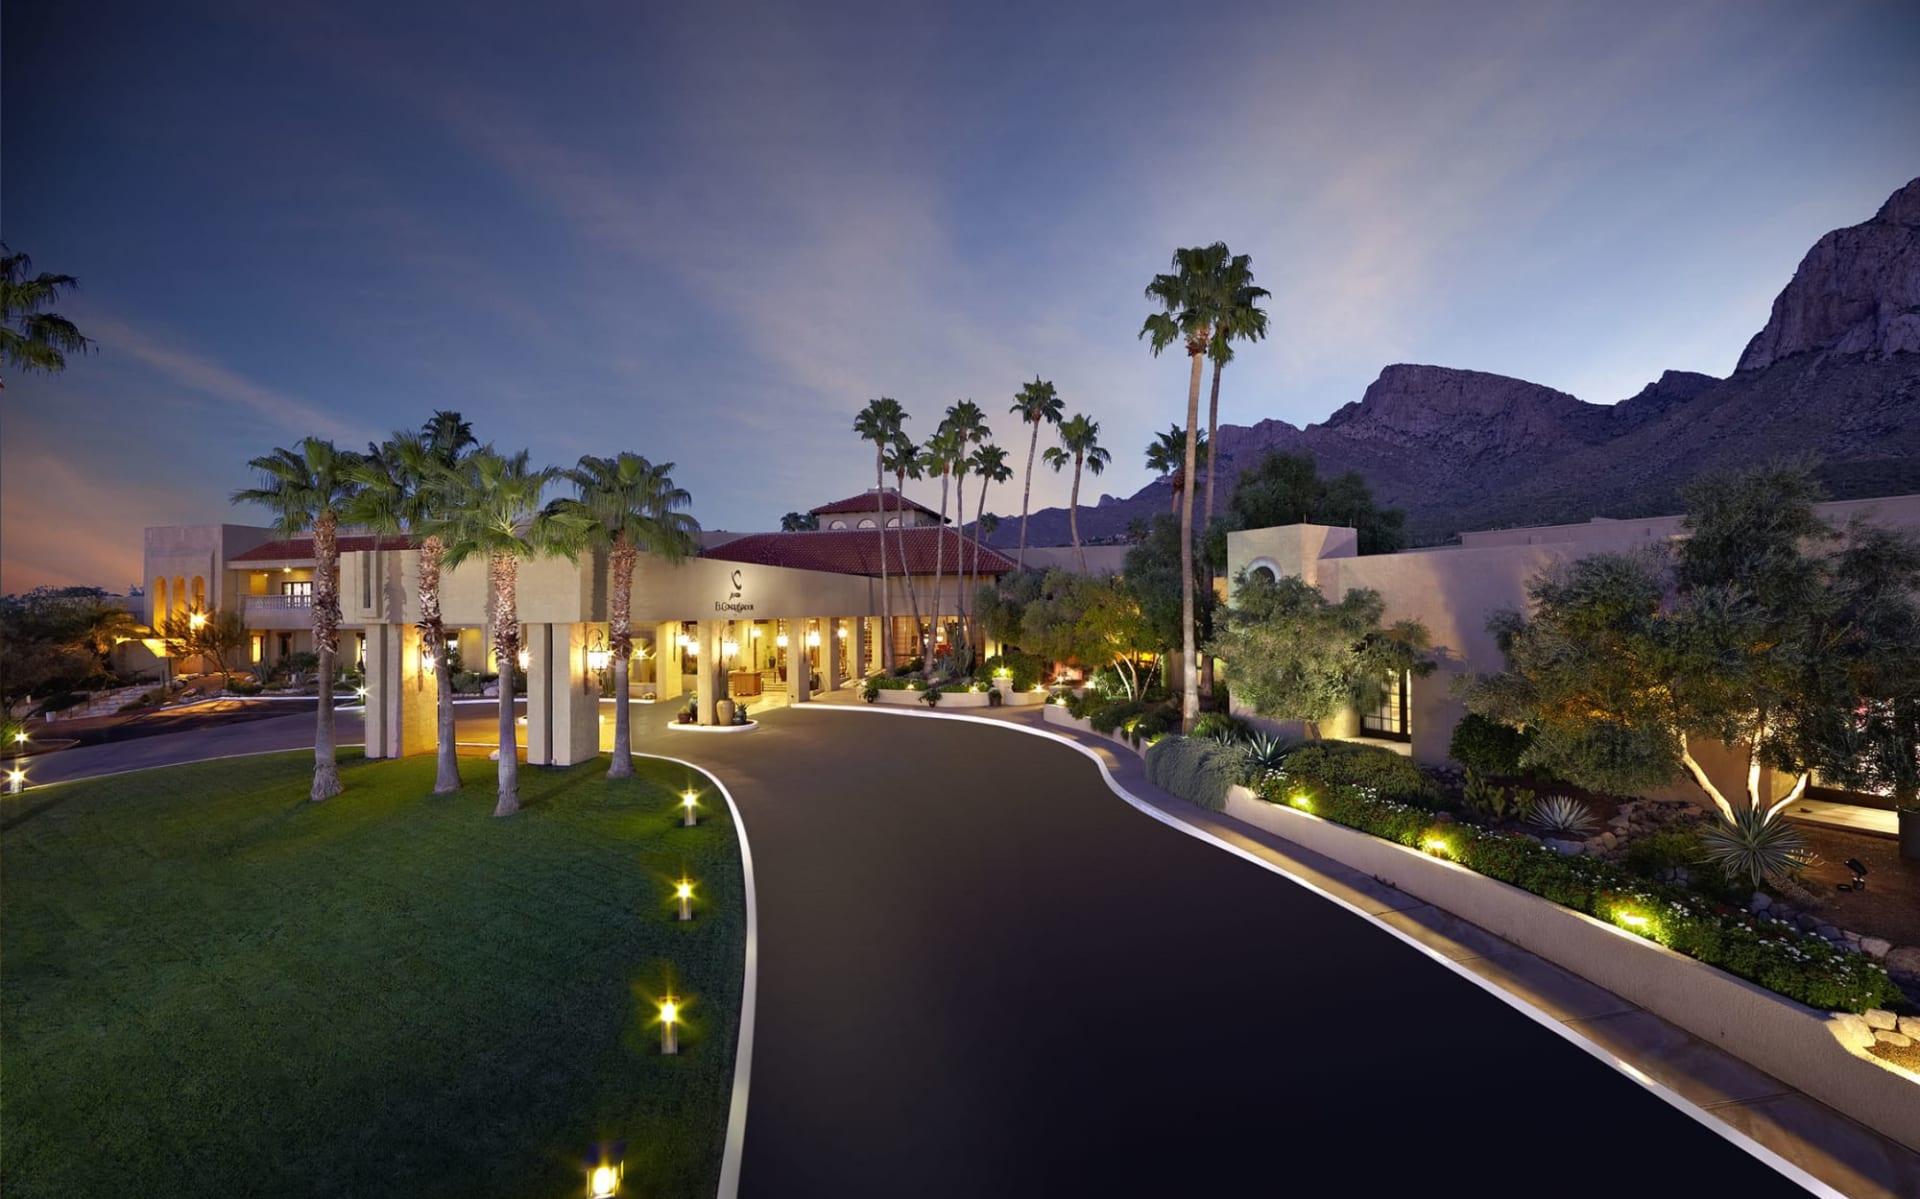 Hilton Tucson el Conquistador Resort:  Hilton Tucson el Conquistador Resort - Einfahrt